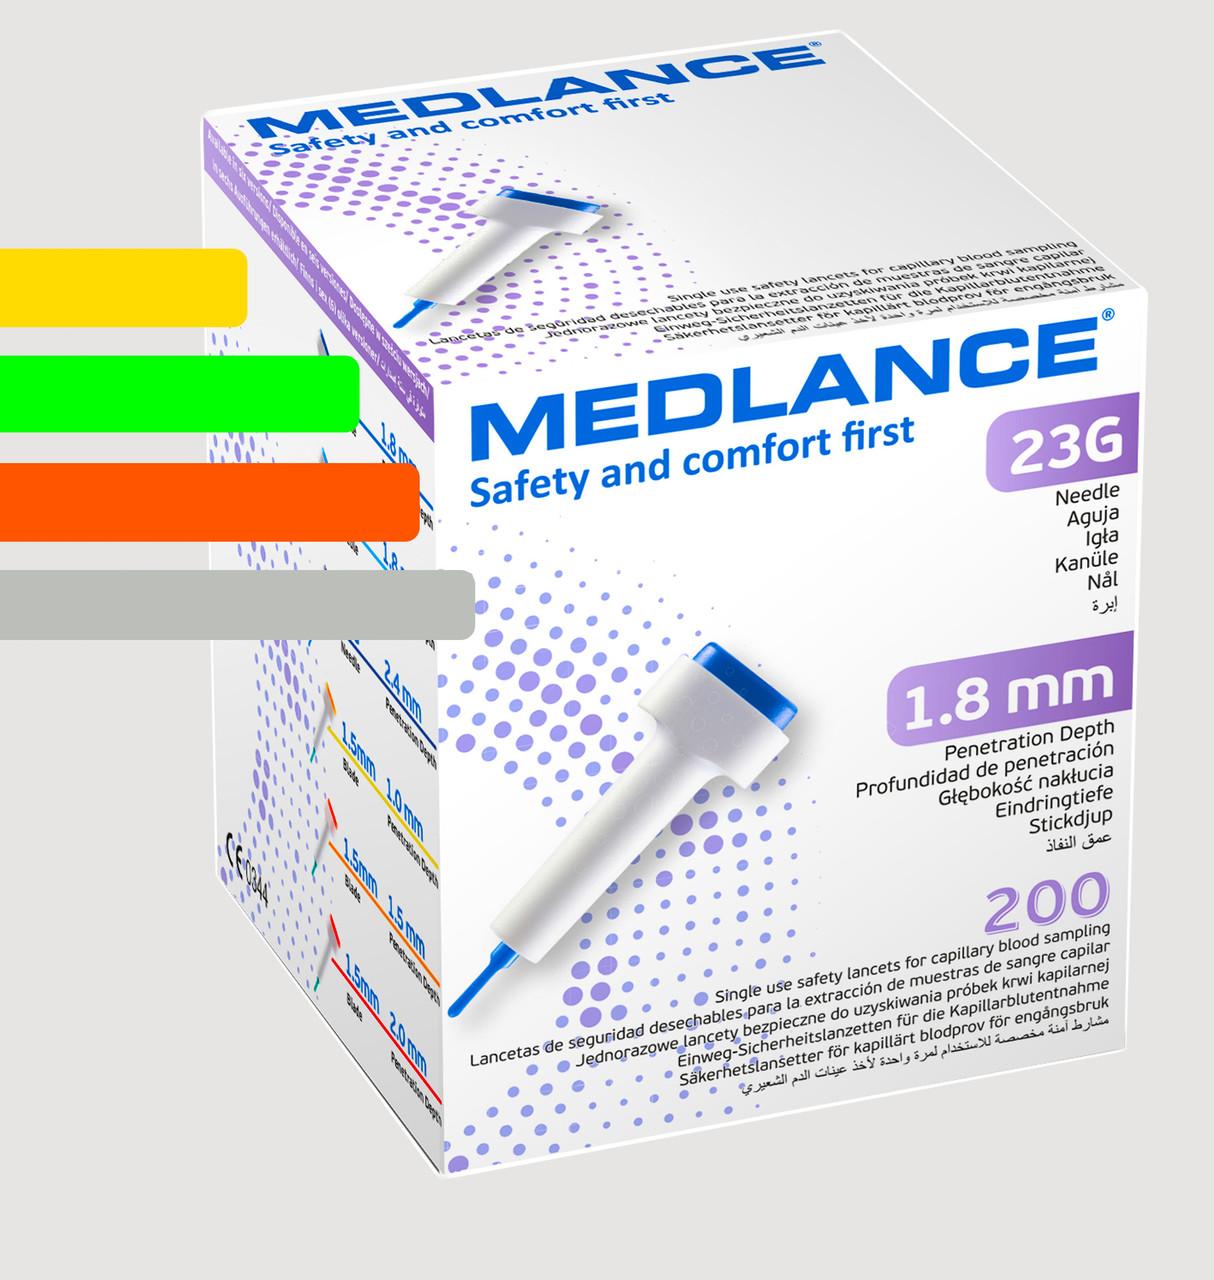 Ланцеты MEDLANCE с кнопкой, игла 23G, глубина  проникновения 1,8 мм